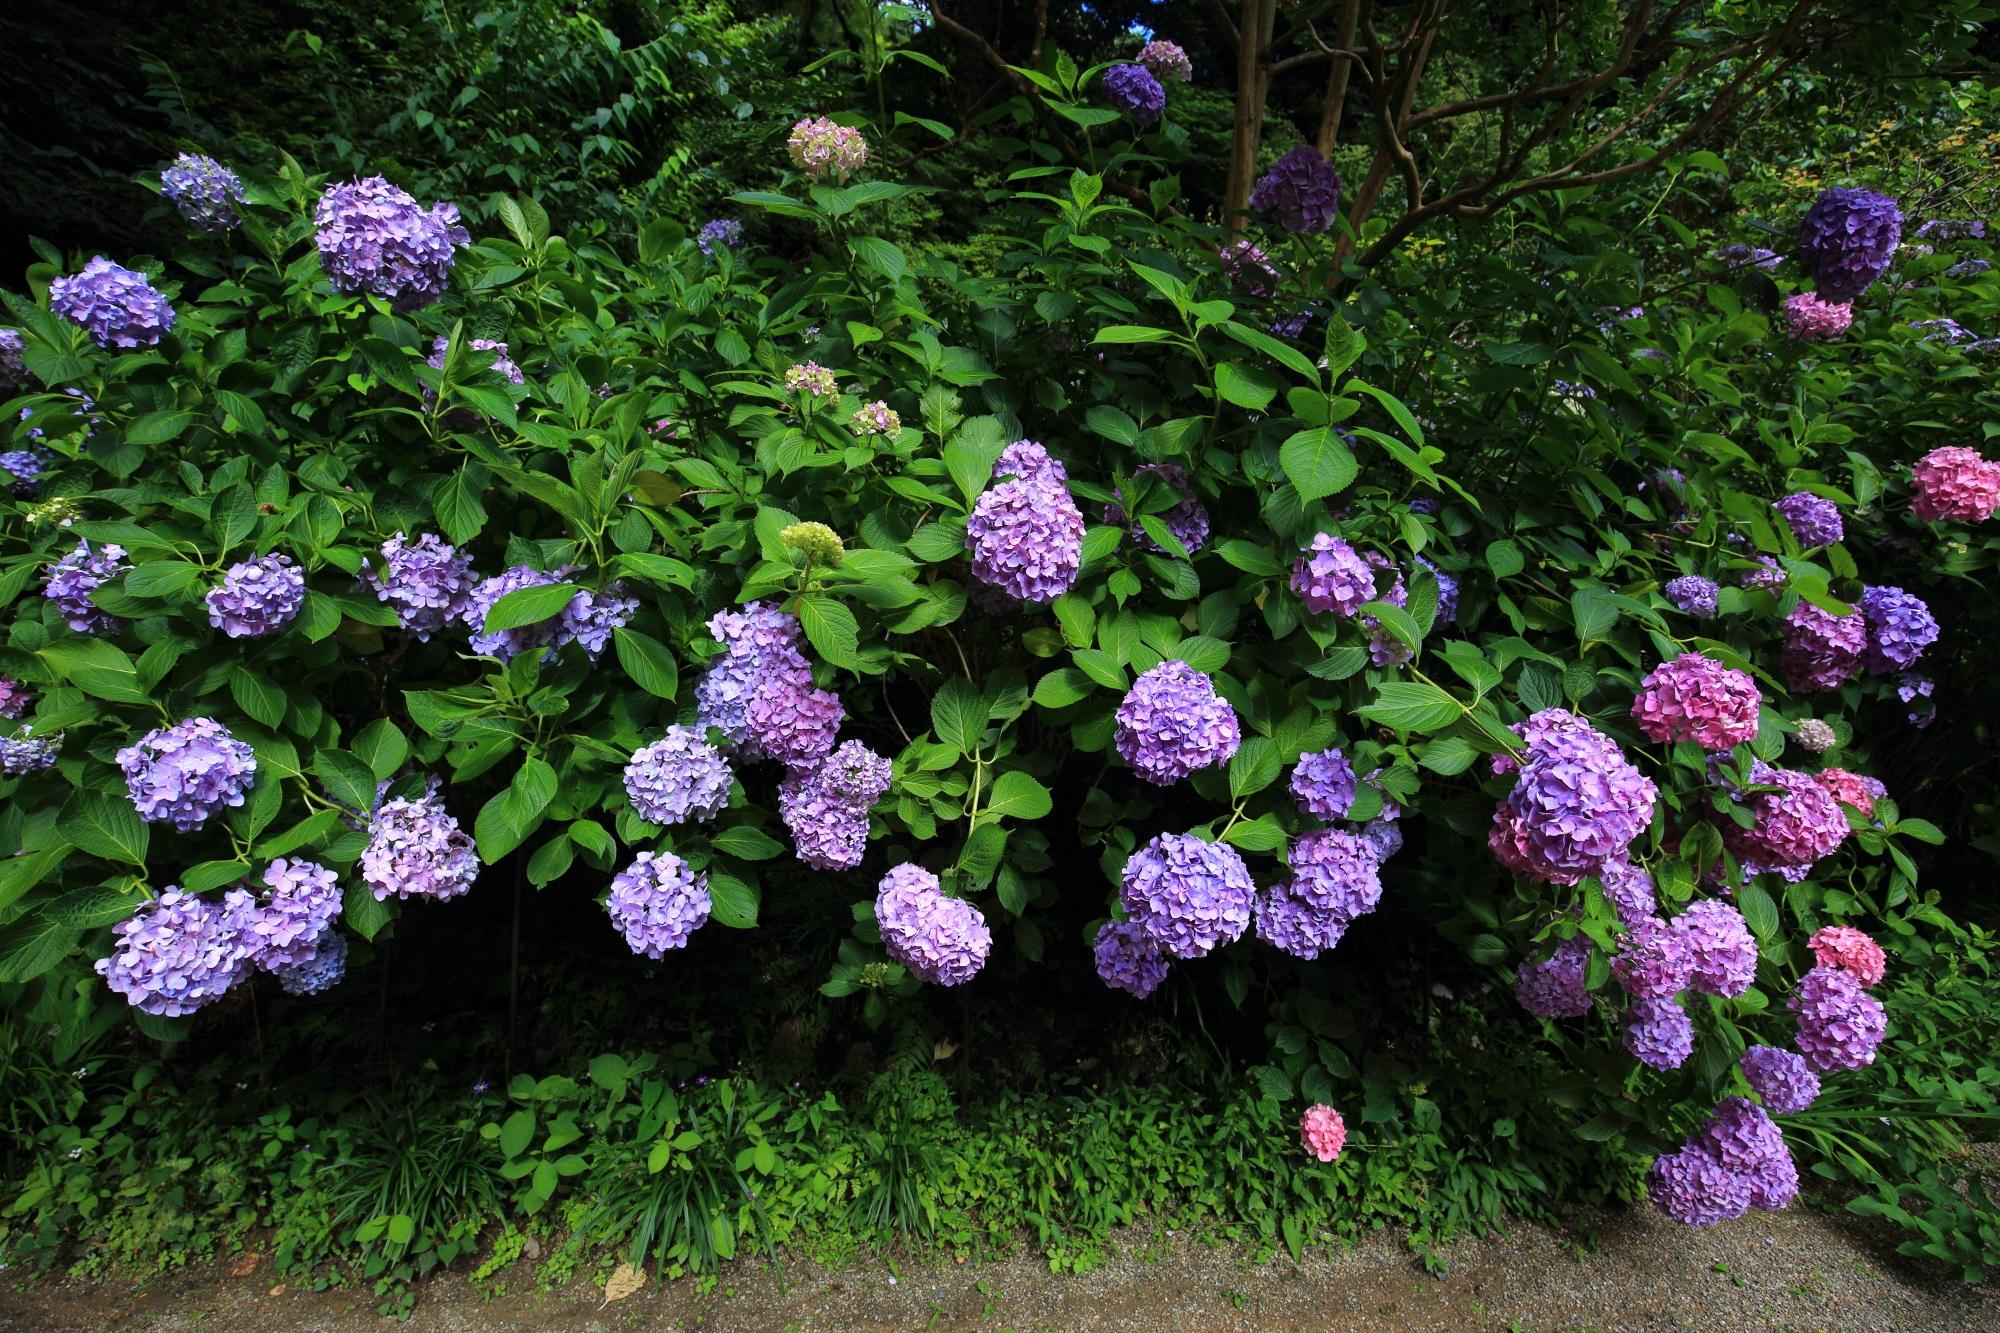 色とりどりの満開の紫陽花がこぼれ落ちそうになっている岩船寺